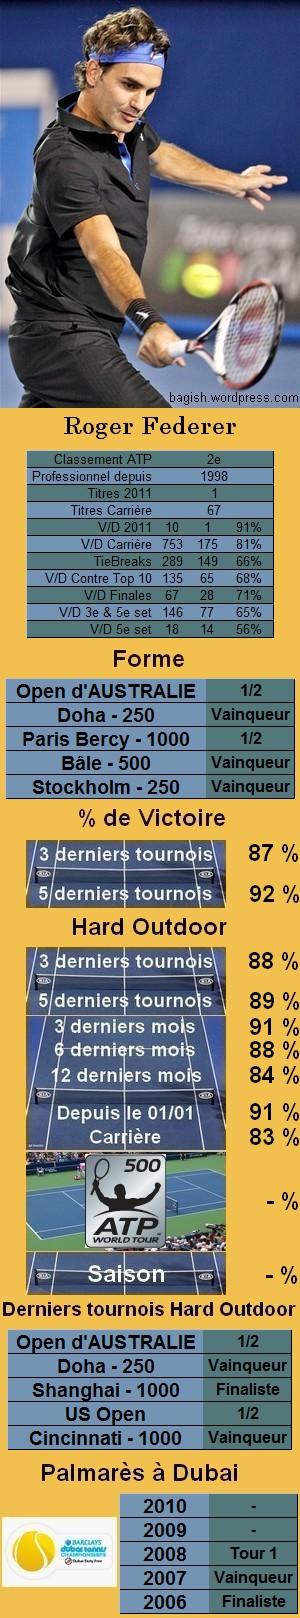 Statistiques tennis Roger Federer